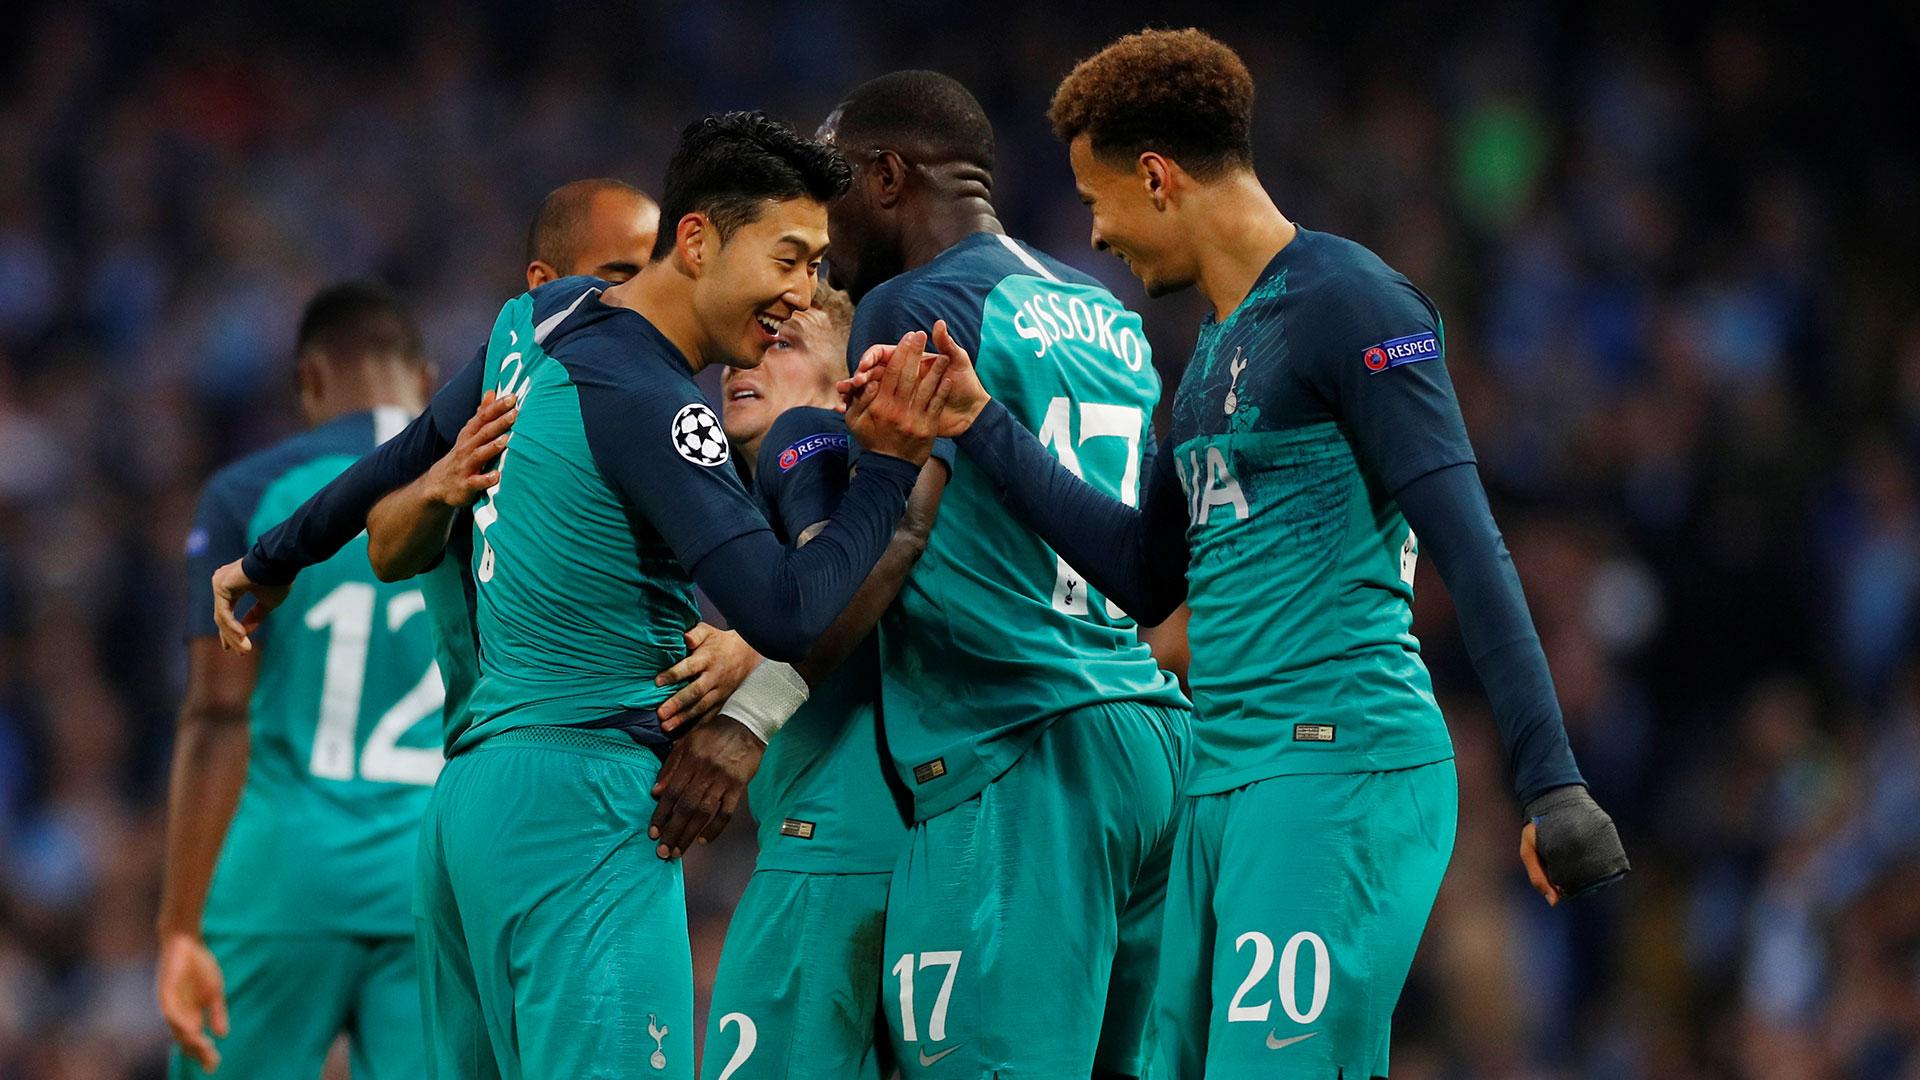 En Un Partido Vibrante El Tottenham Eliminó Al Manchester